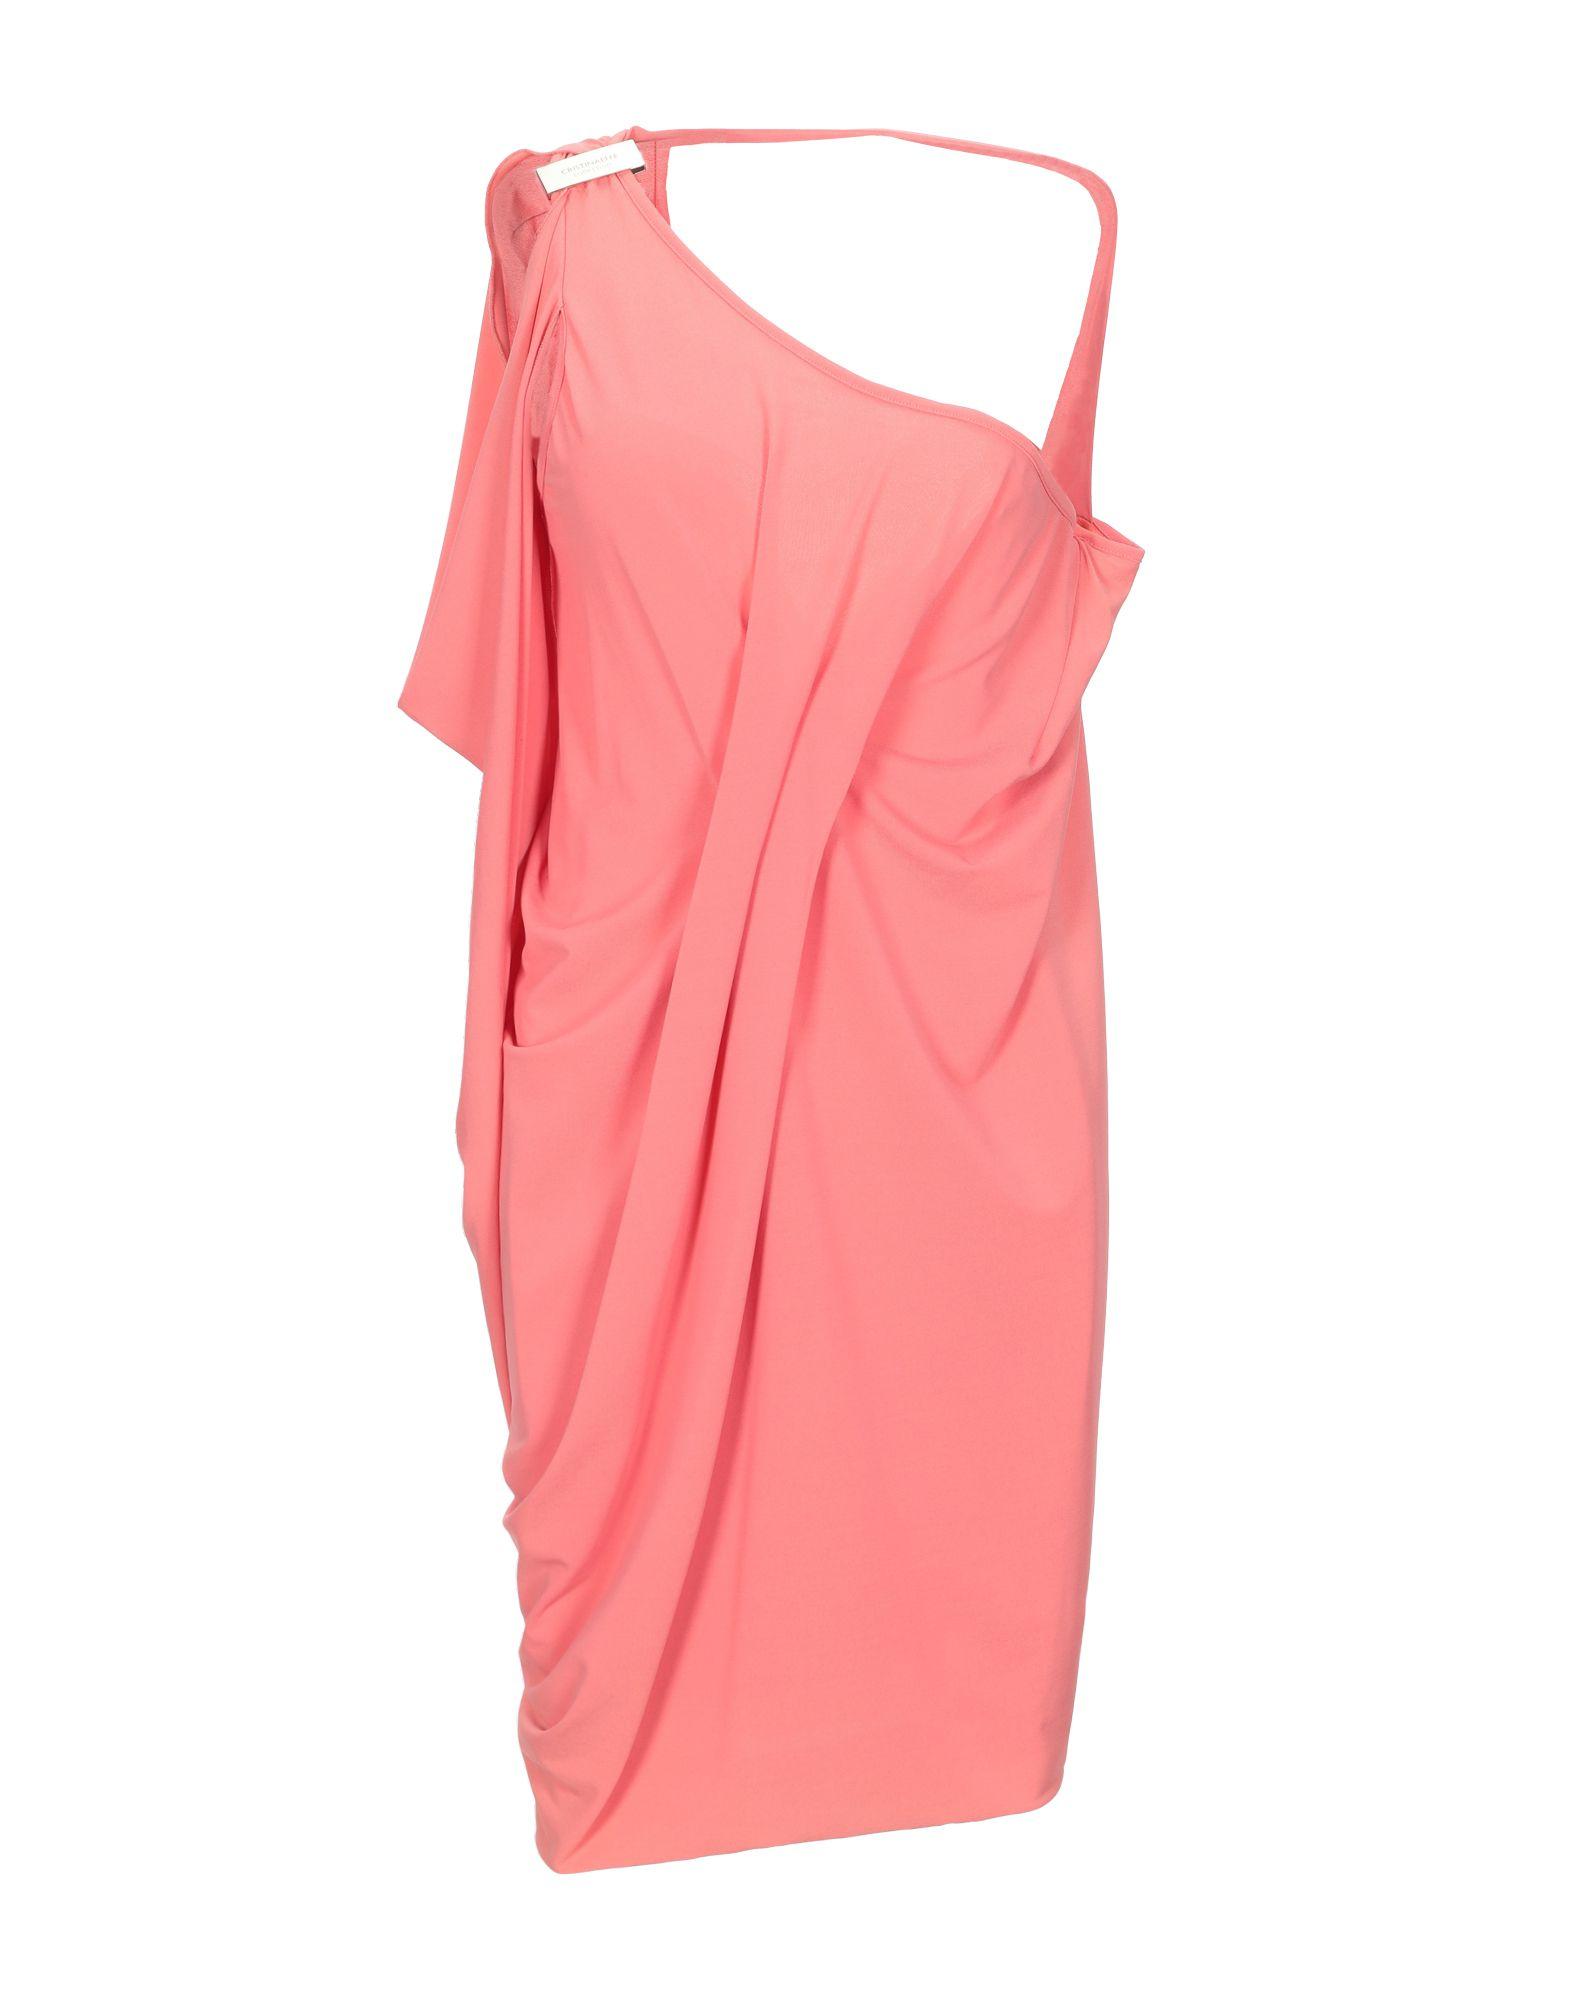 CRISTINAEFFE Короткое платье платье коктейльное из одно плечо